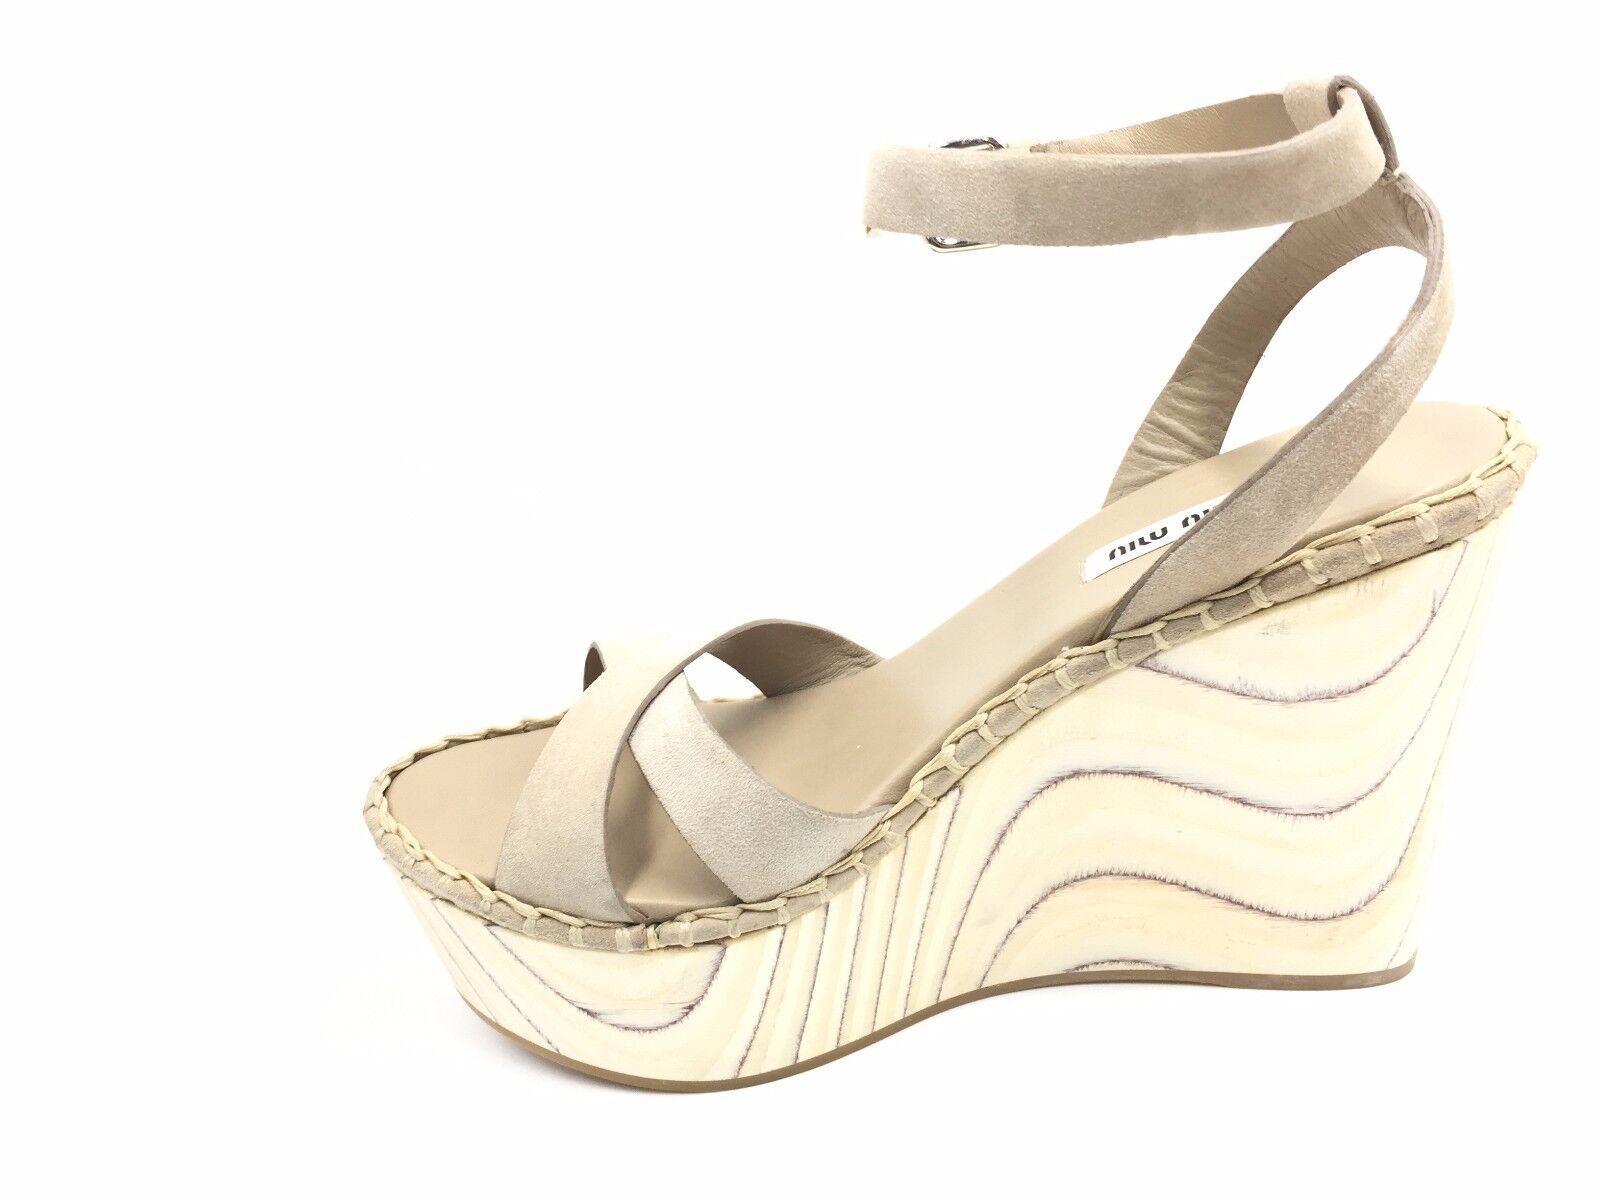 Zapatos De Tacón Alto Alto Alto  2250 Miu Miu Mujer Sandalias De Gamuza Color Beige al Tobillo Zapatos de cuña 38.5 8.5  ventas al por mayor